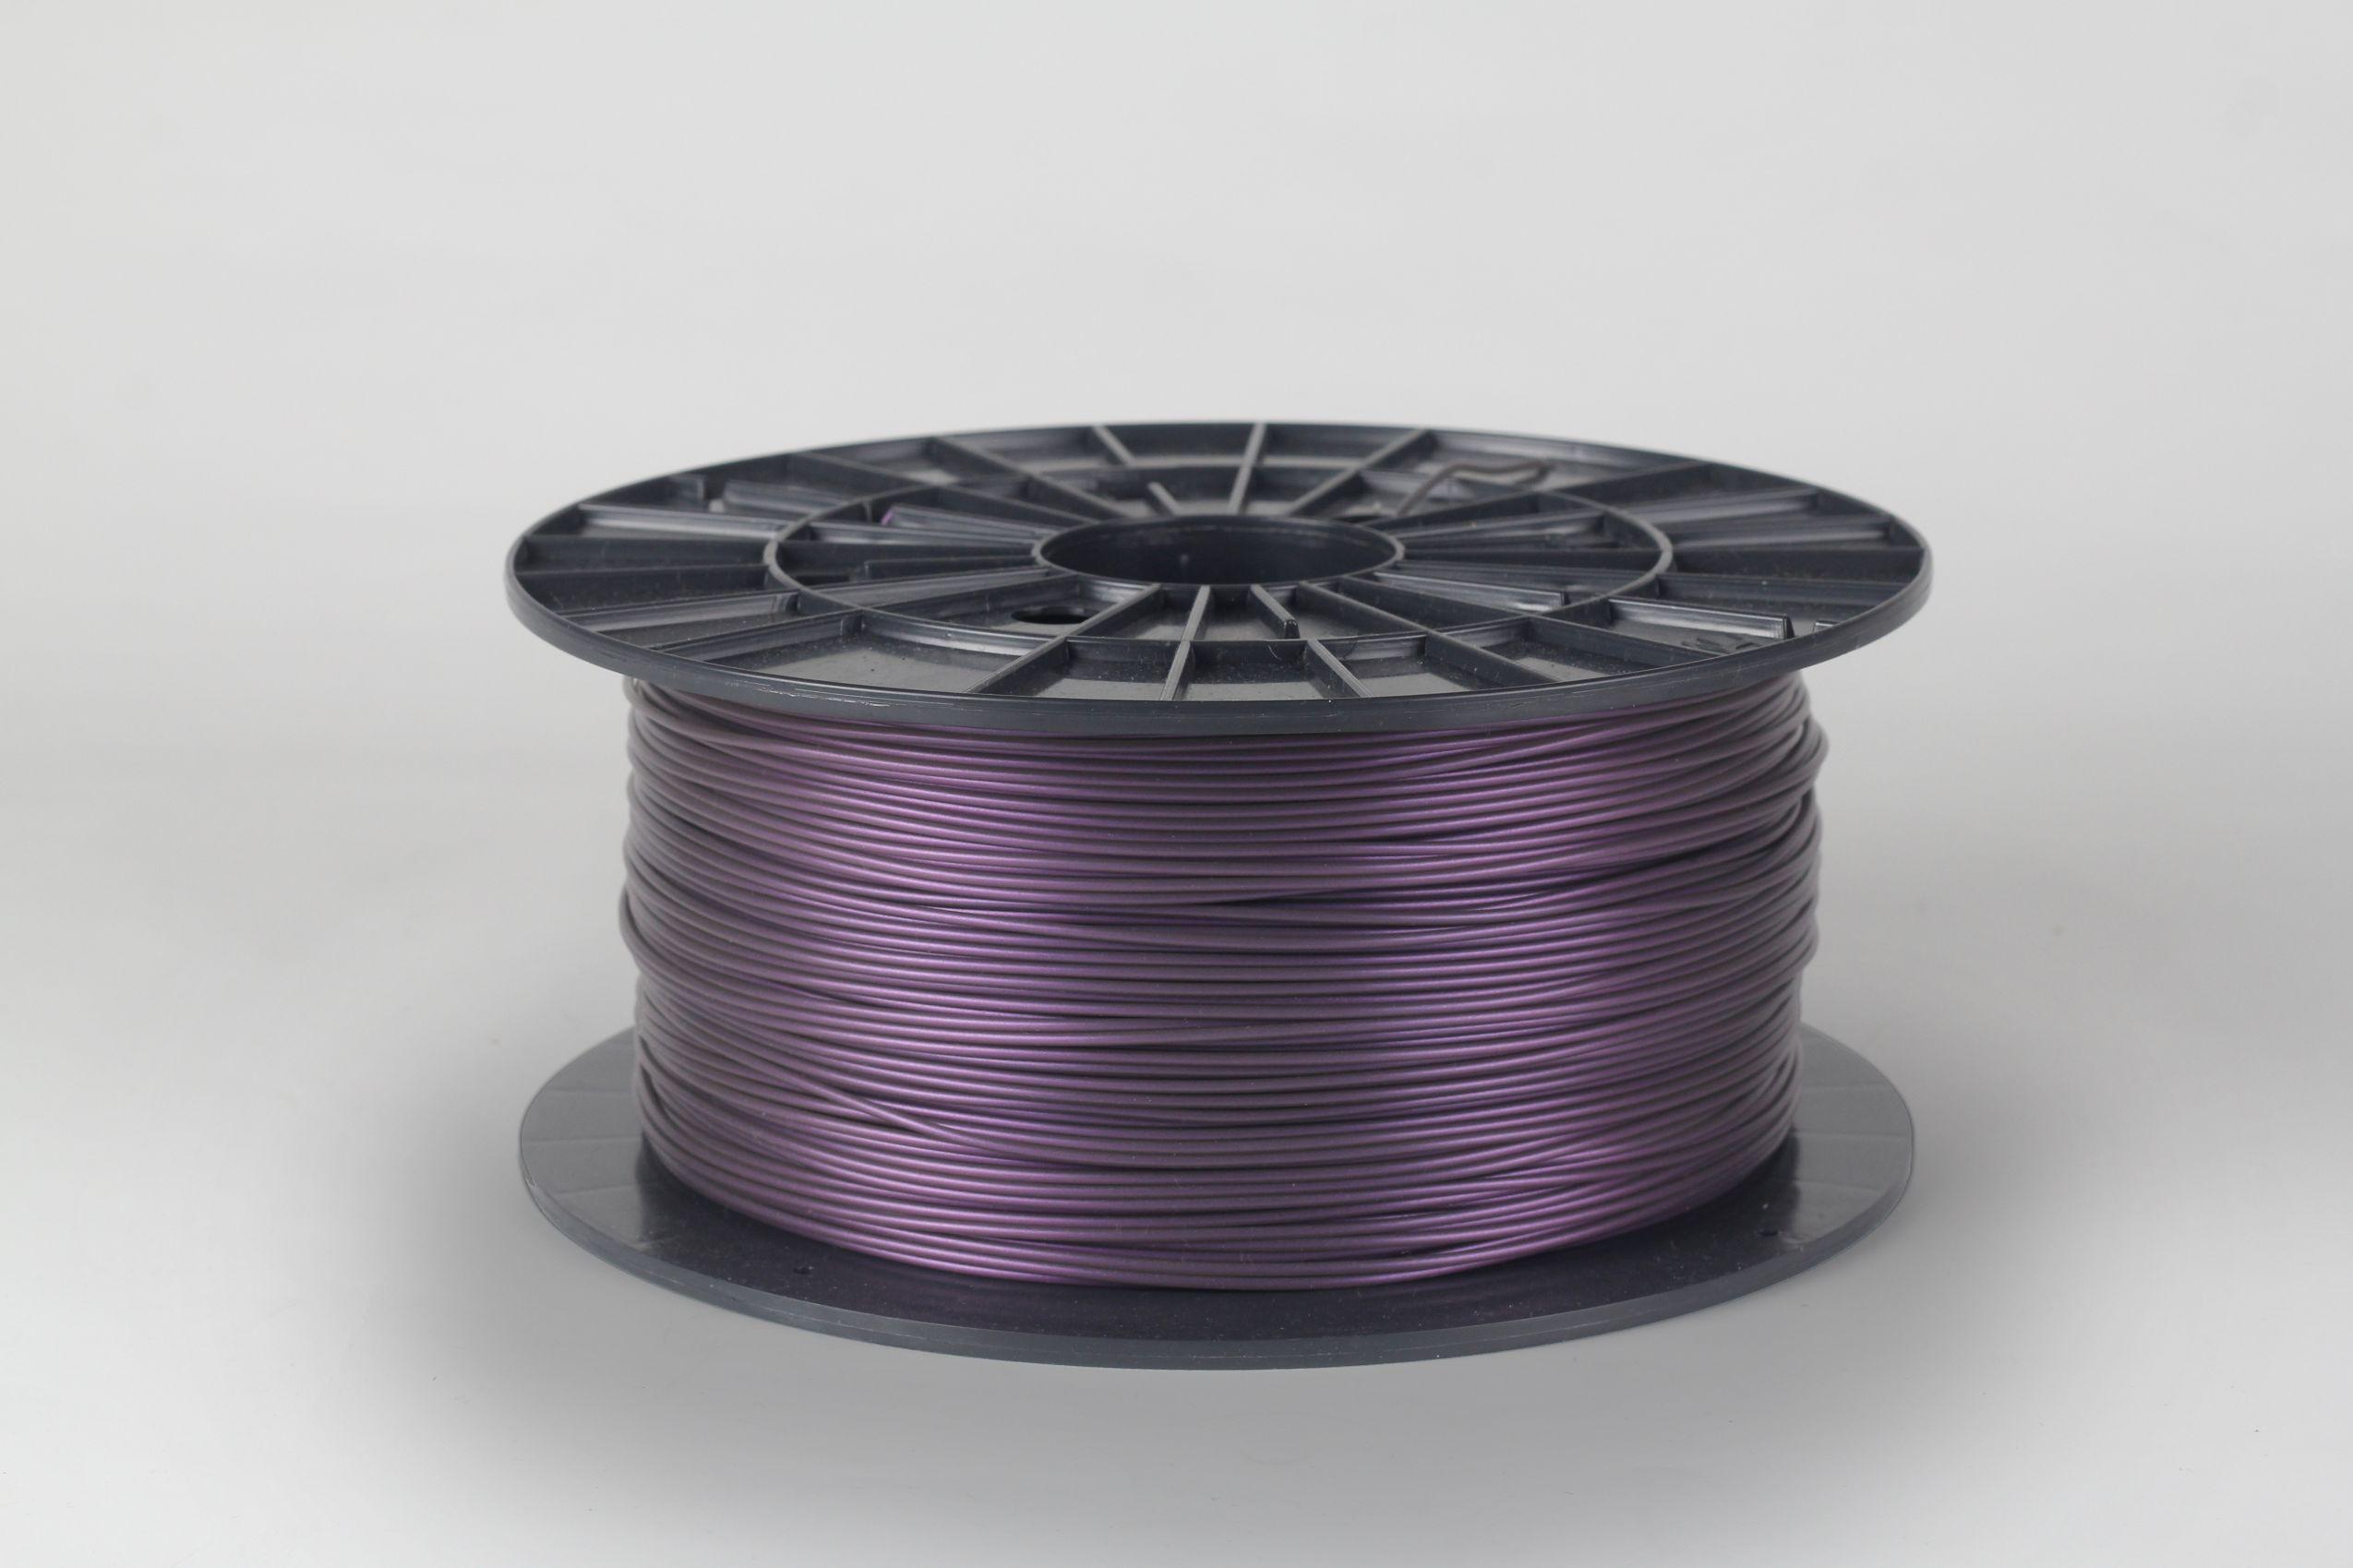 Filament-PM Tlačová struna PLA 1.75mm, 1kg - rôzne farby Farba: Metalická fialová